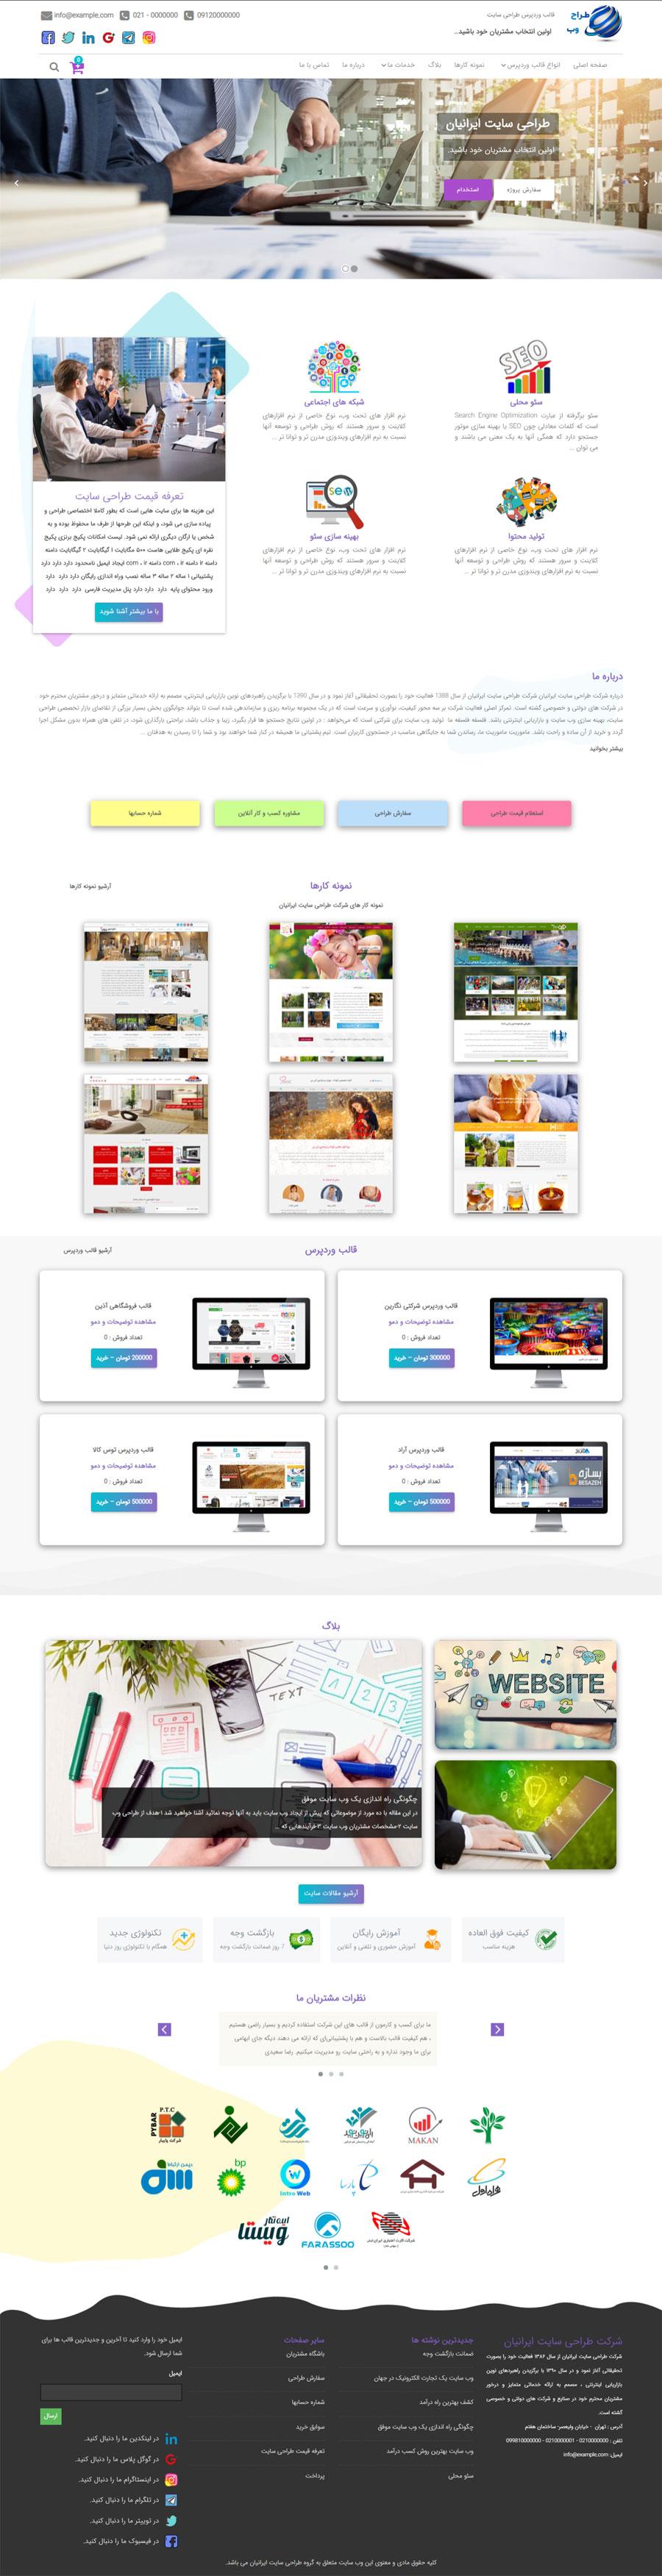 قالب وردپرس شرکتی طراحی سایت